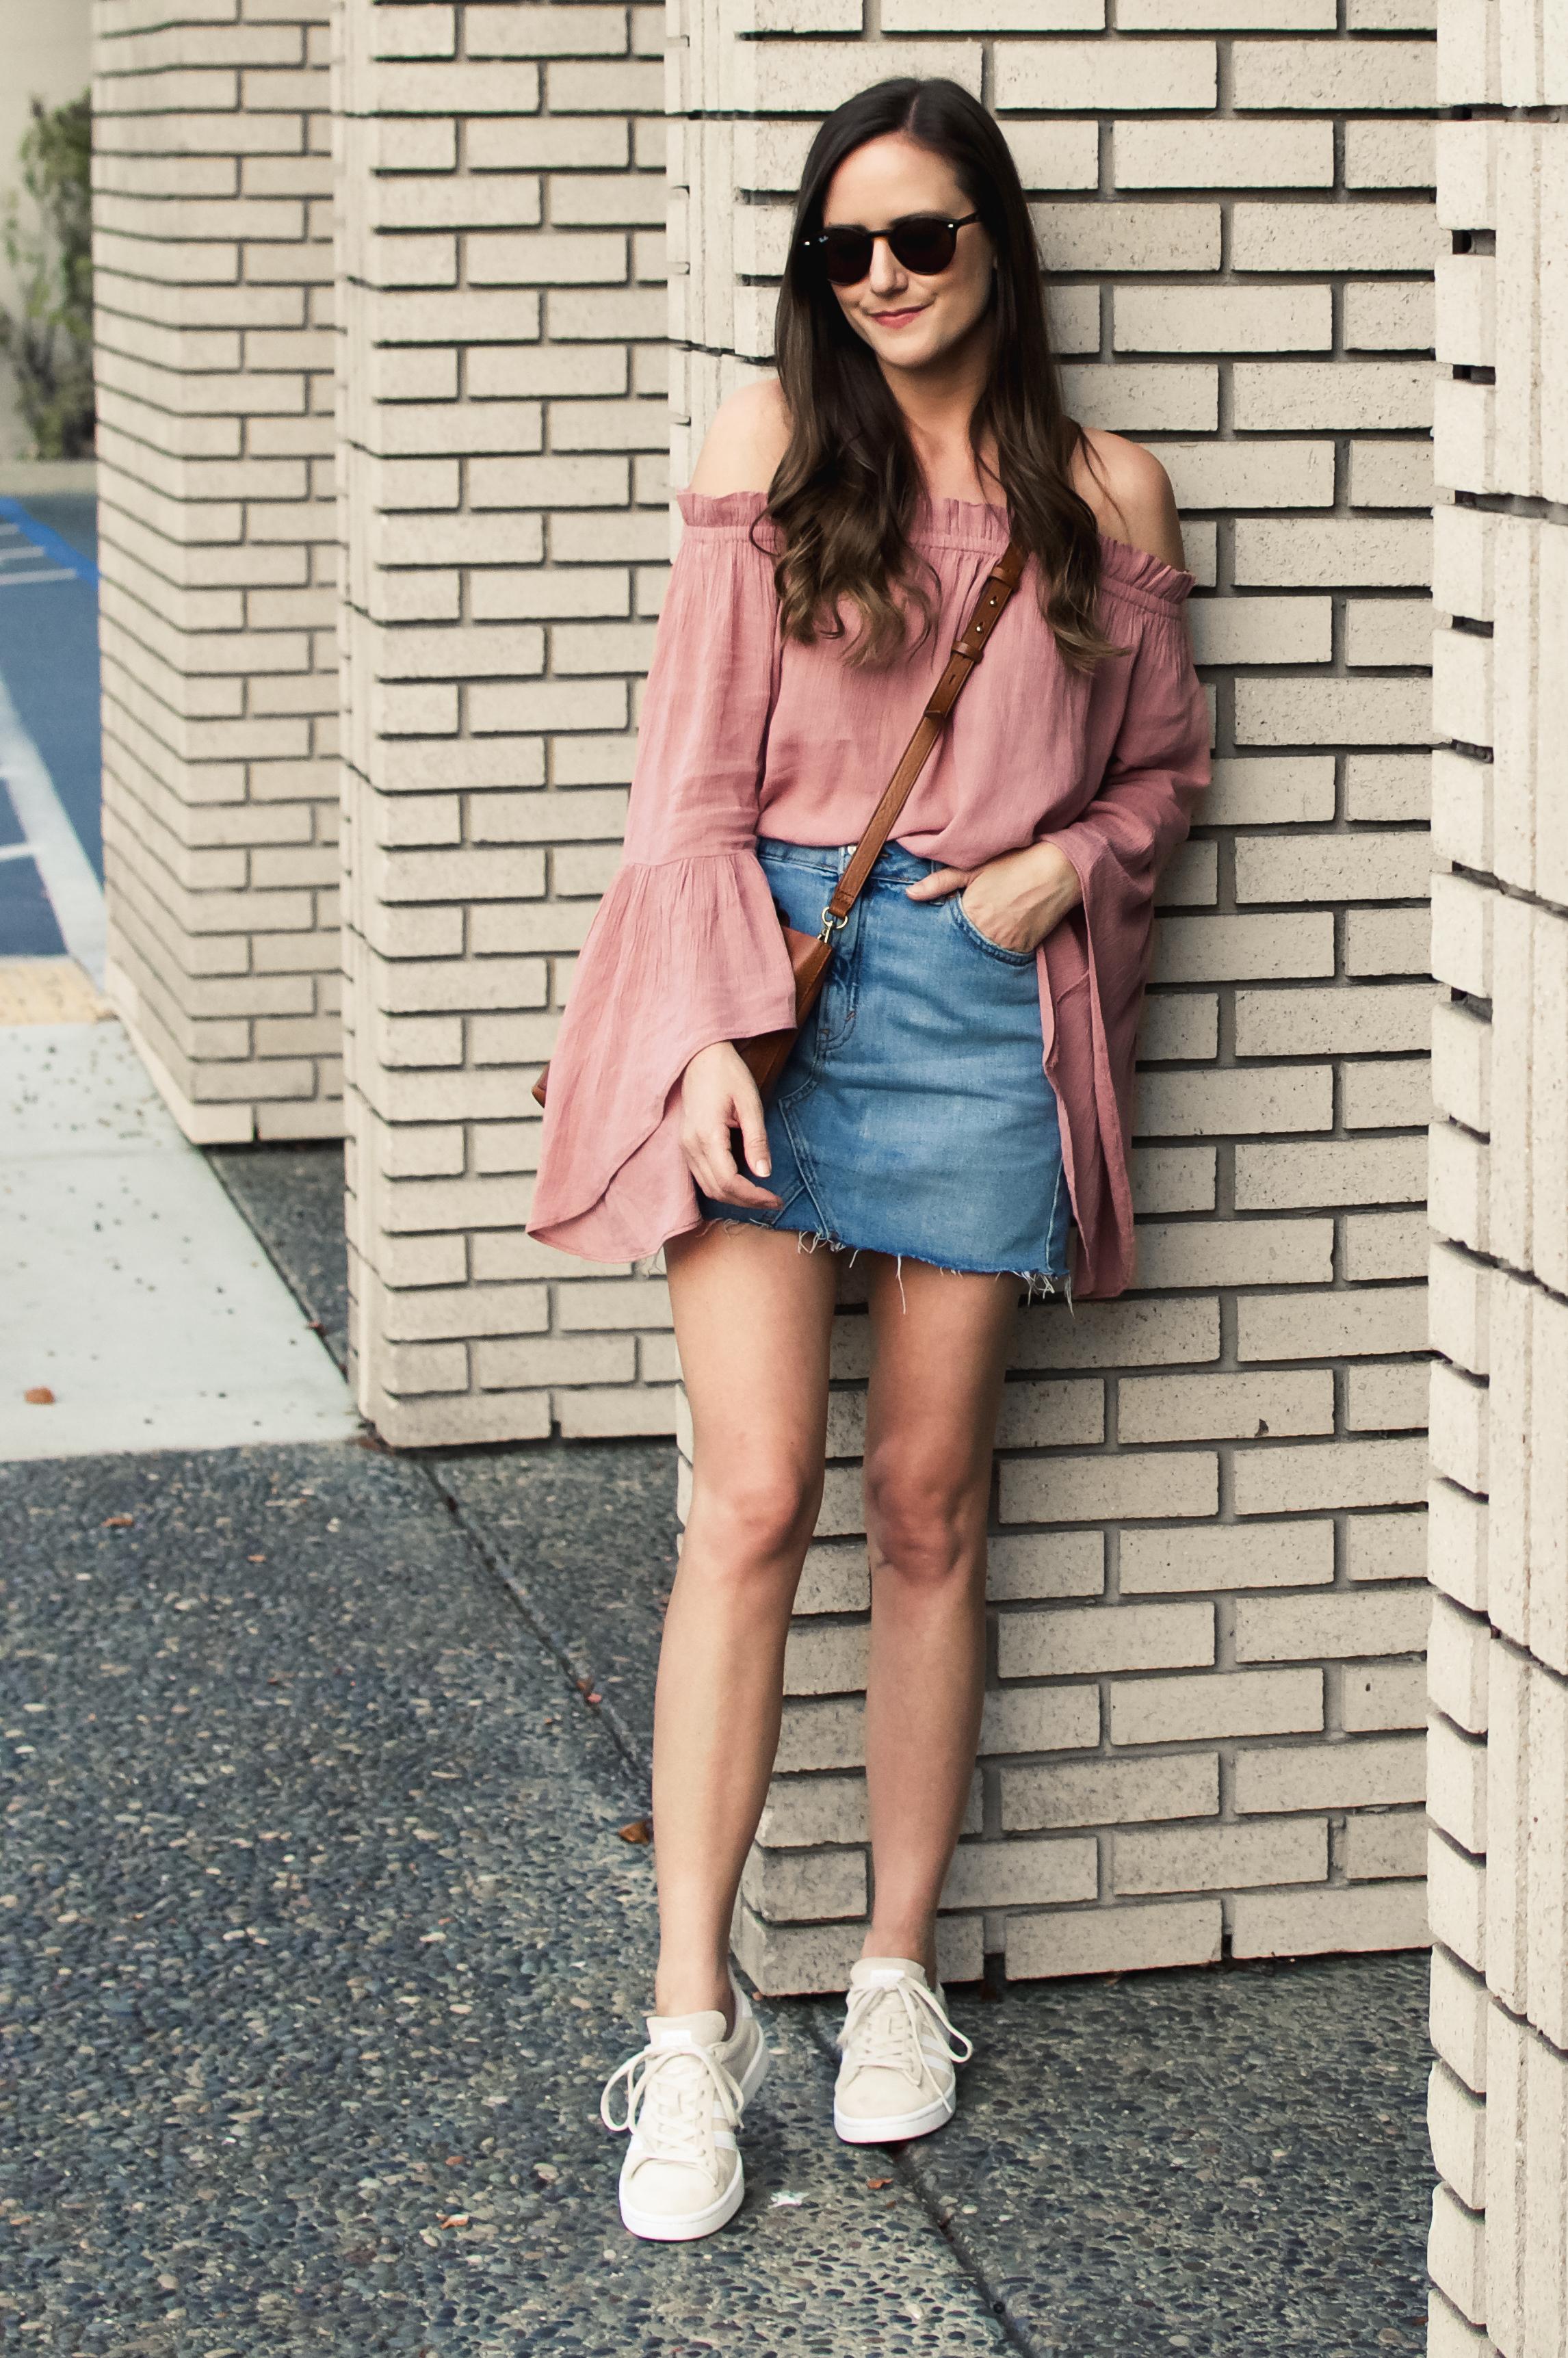 Shop the Look Below.  Nordstrom Top  |  Topshop Skirt  |  Adidas Sneakers  |  Madewell Bag